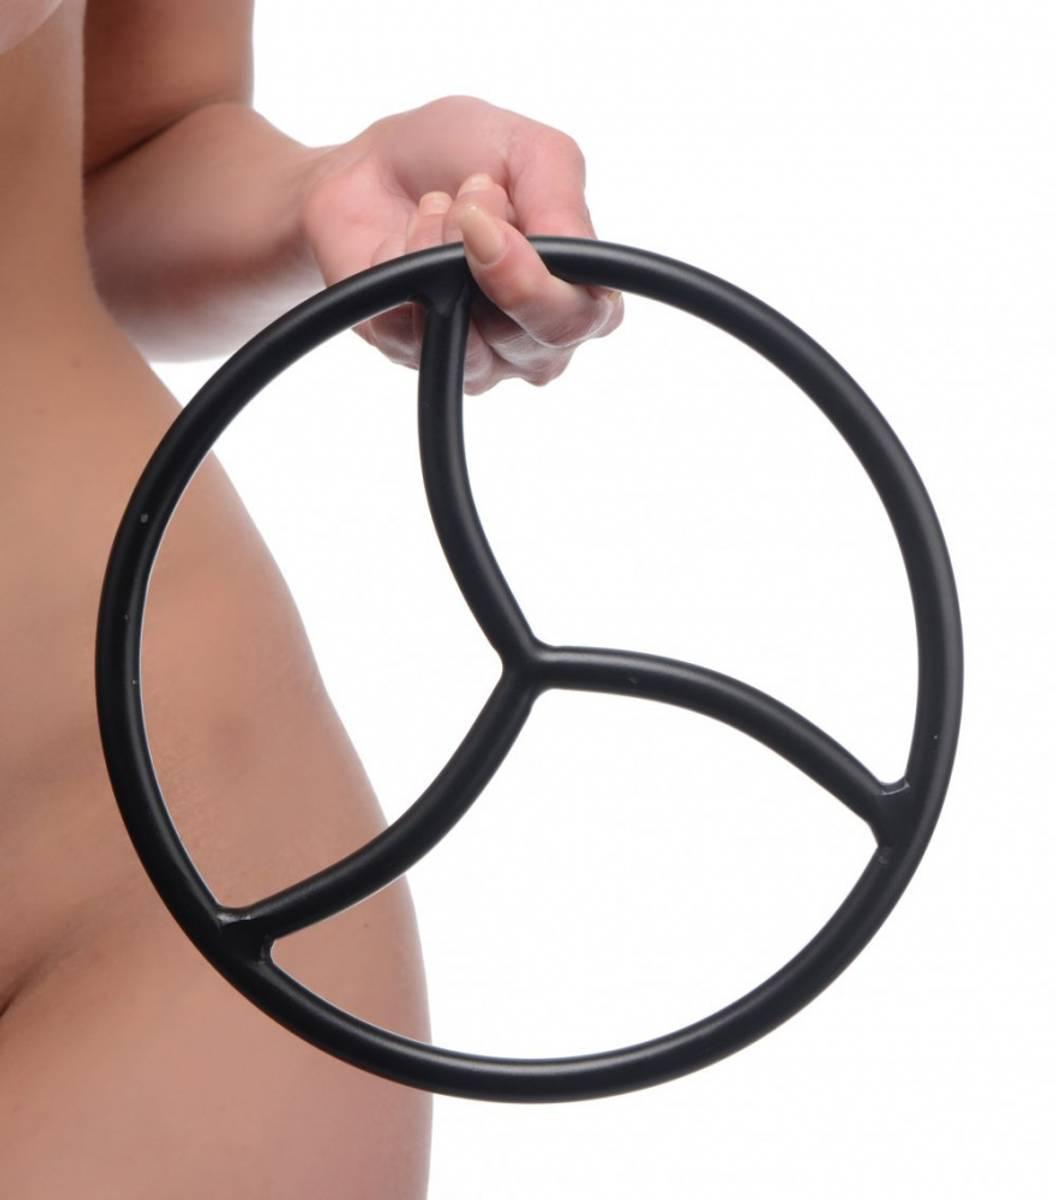 Shibari Ring i Stål - 22cm - Triskelion - Sort